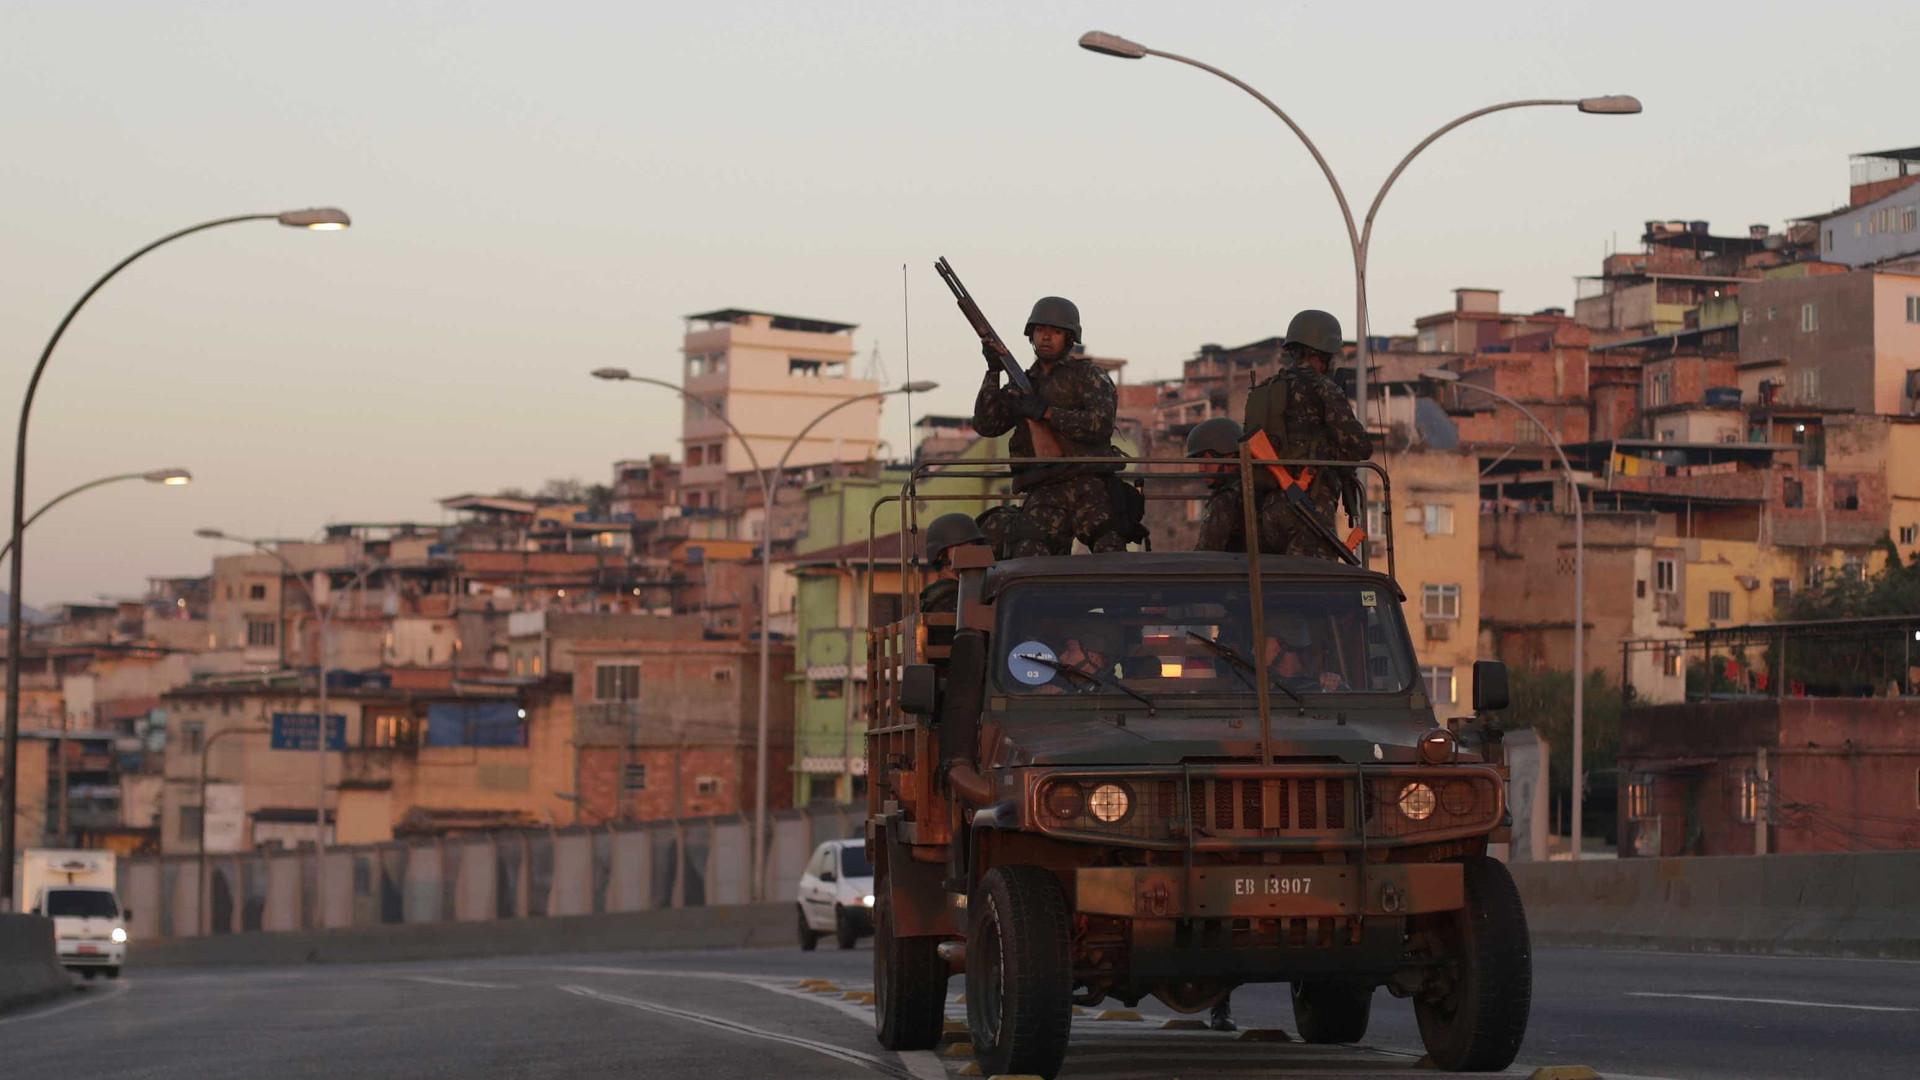 Adolescente de 14 anos é baleado e 6 morrem em operação policial no Rio